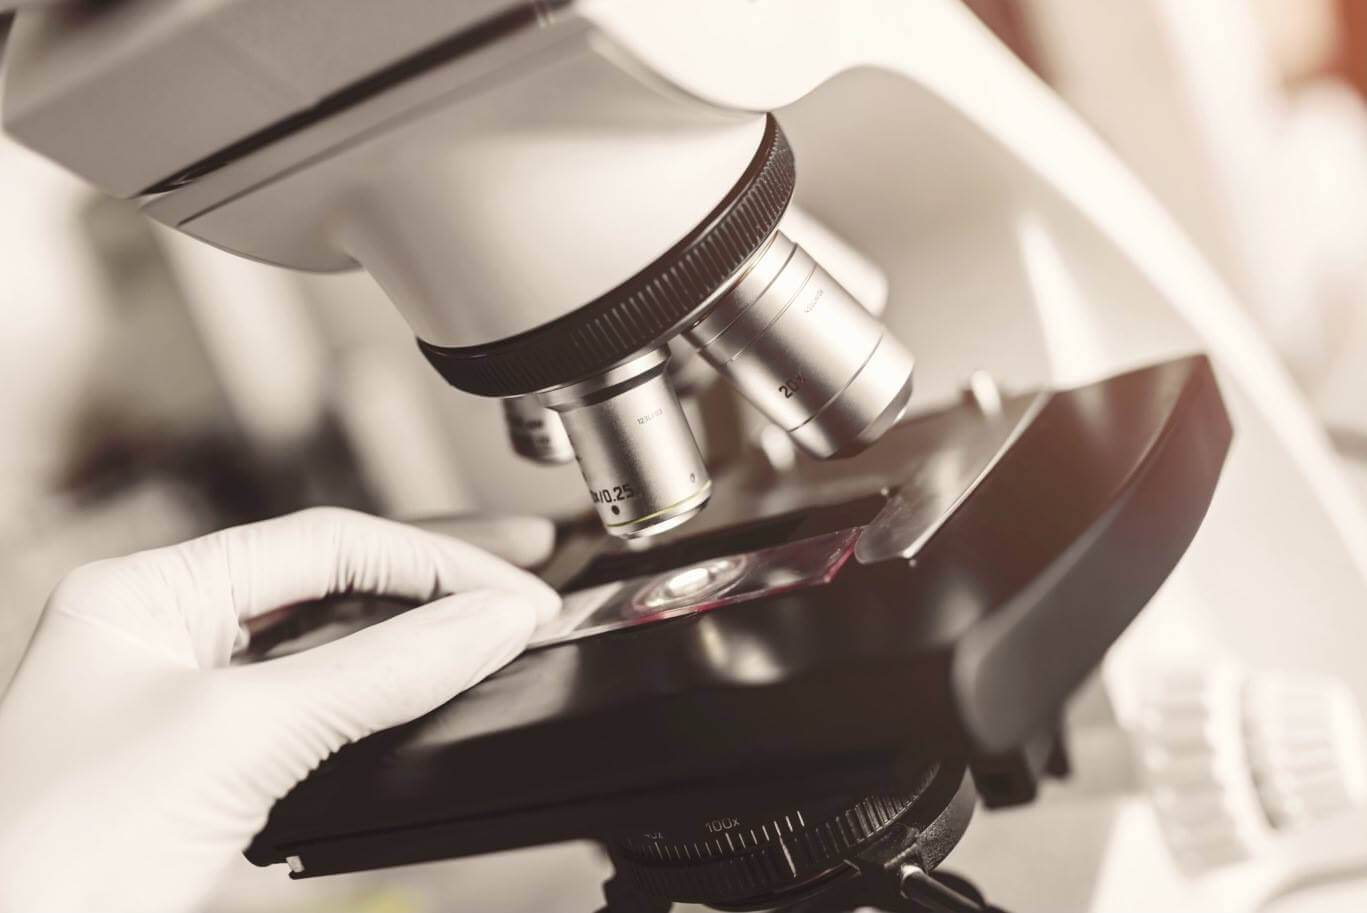 Регионам рекомендовано возобновить работу органов по оценке соответствия с учетом санитарно-эпидемиологической ситуации